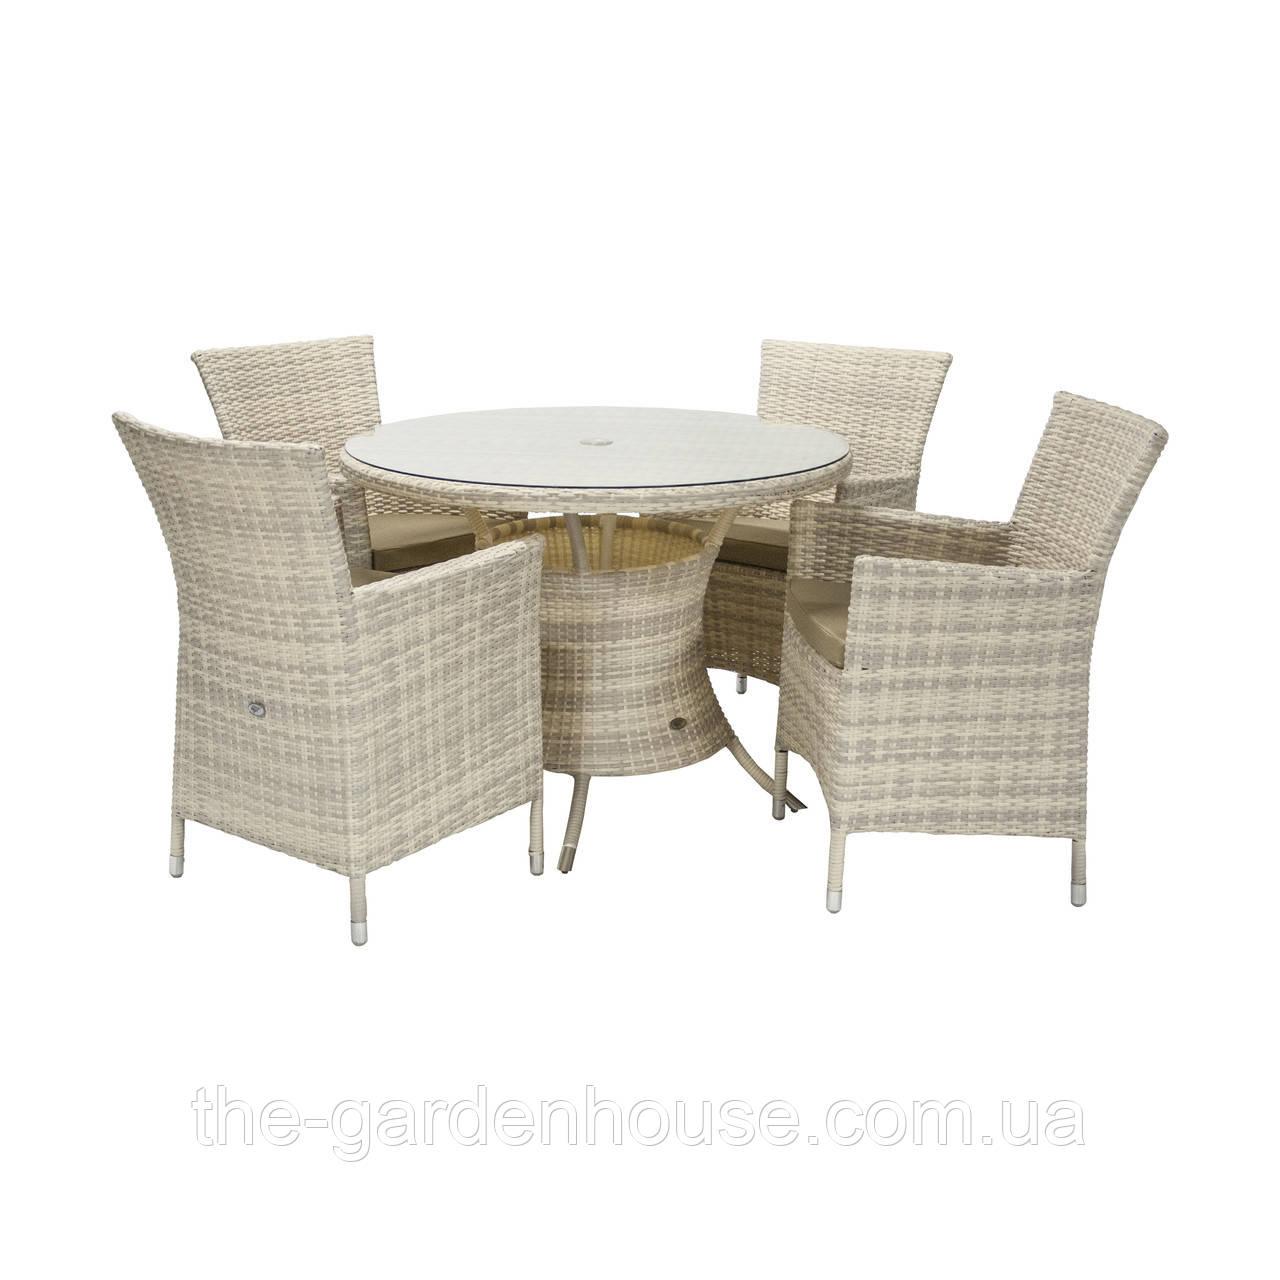 Обеденный комплект Викер из искусственного ротанга: стол 100 см и 4 кресла светло-бежевый